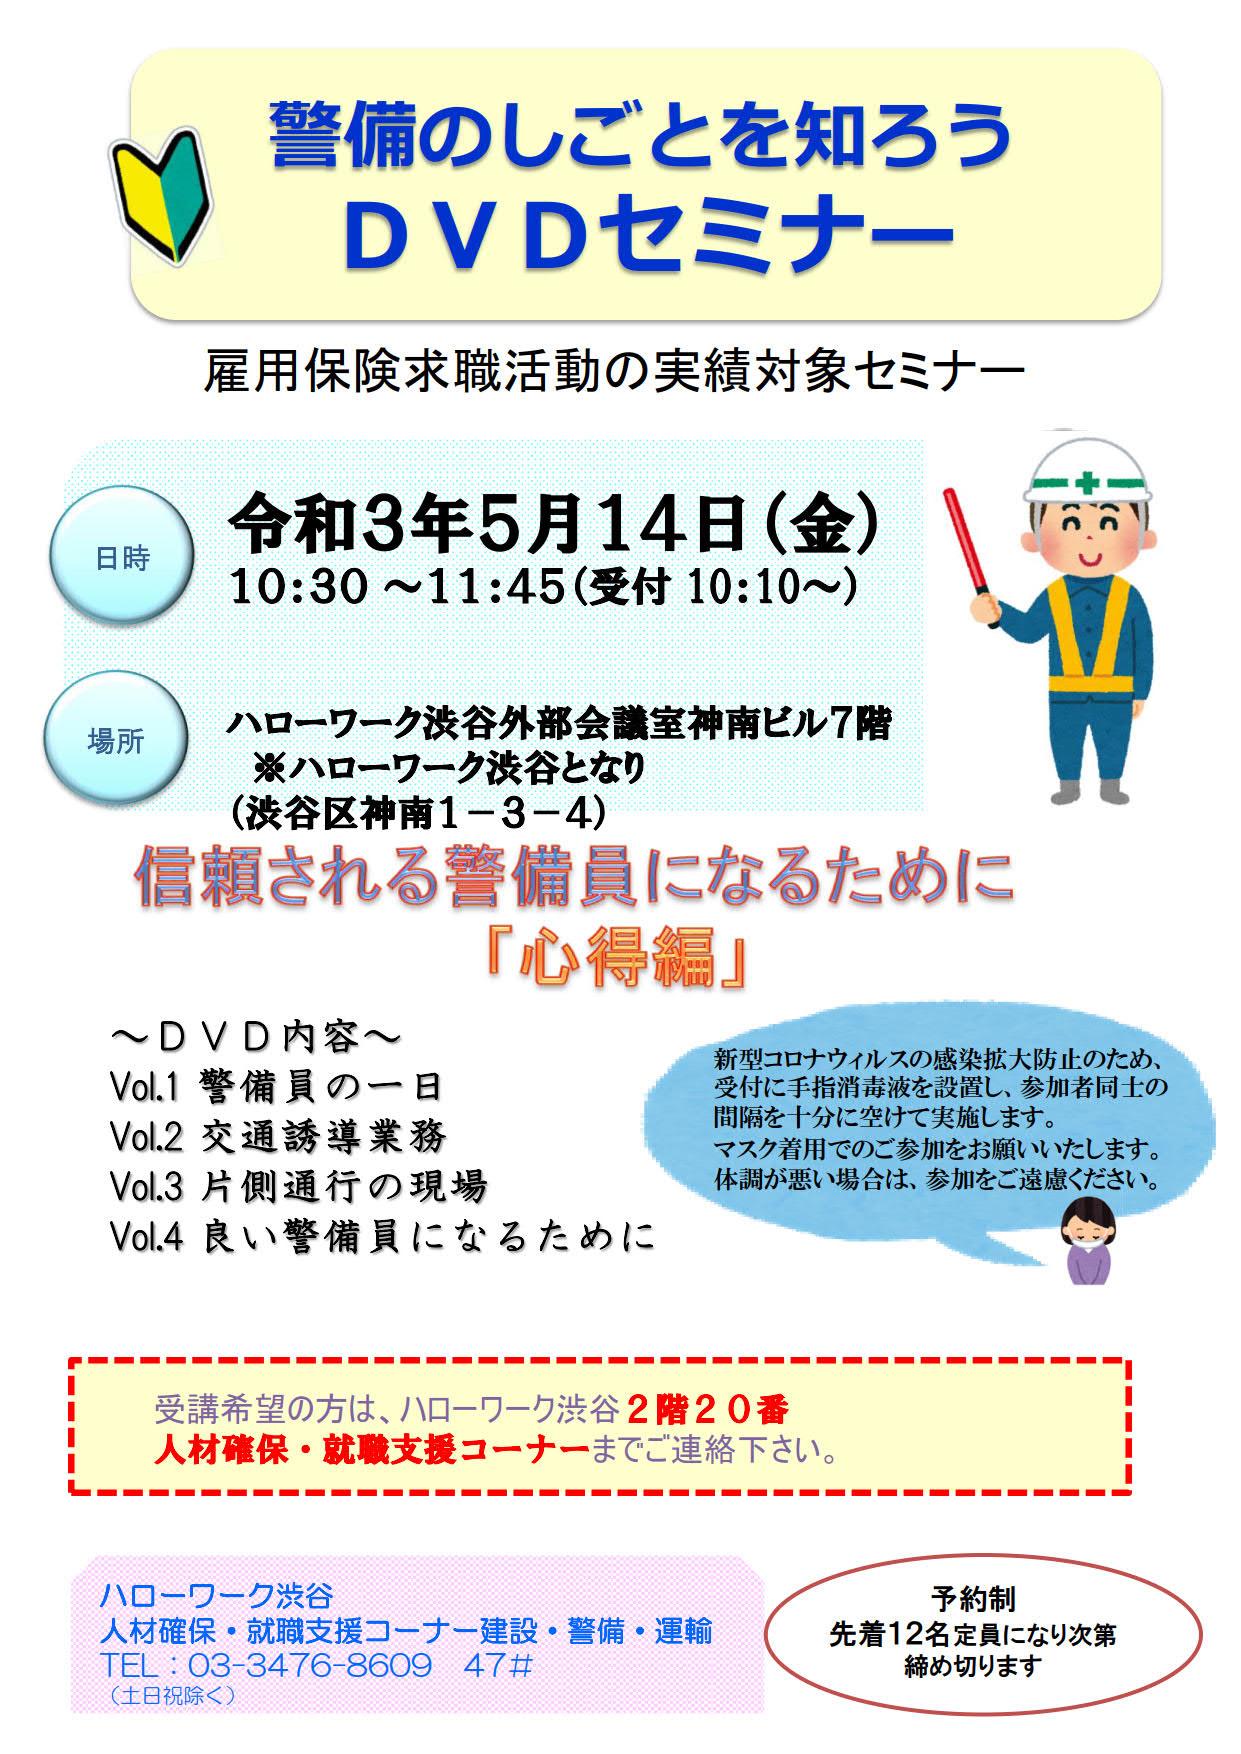 警備のしごとを知ろうDVDセミナー ハローワーク渋谷